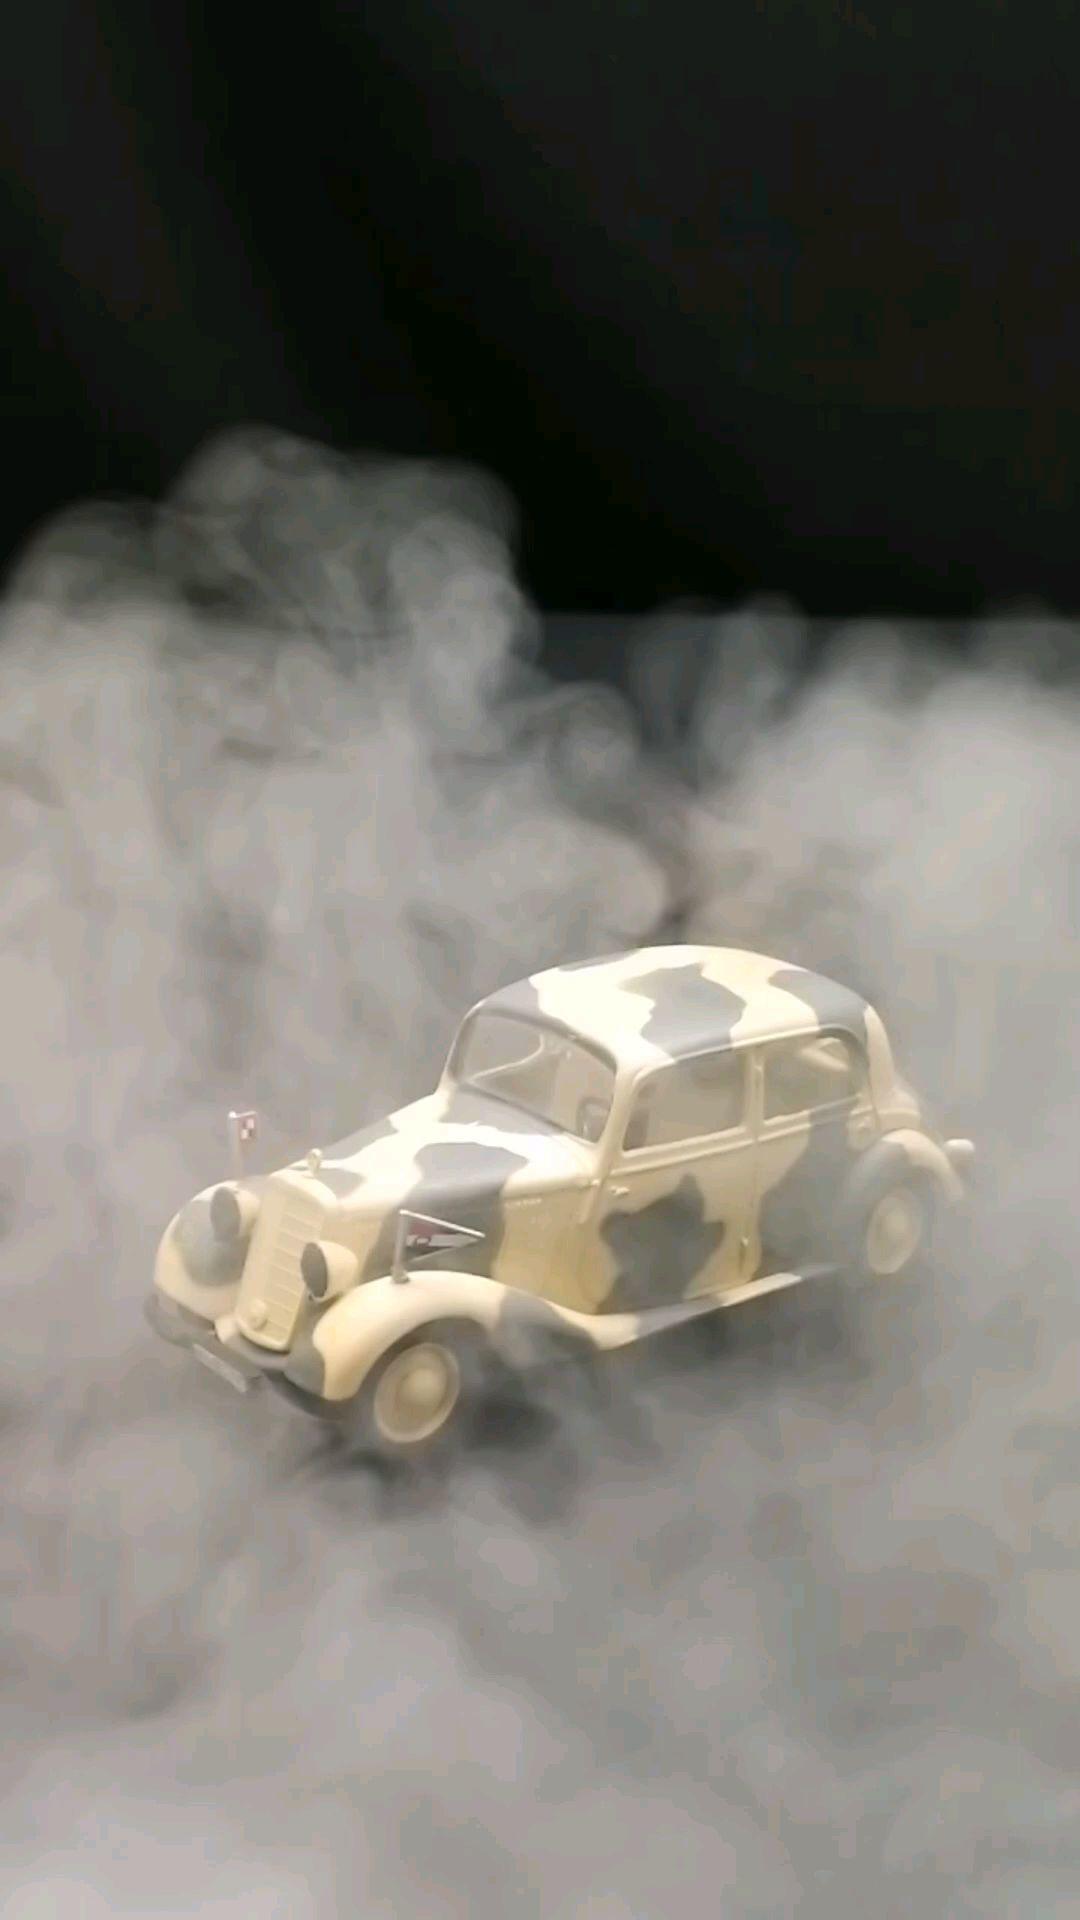 1931梅赛德斯奔驰170V军车,1:43,东晓汽车模型收藏馆藏品。